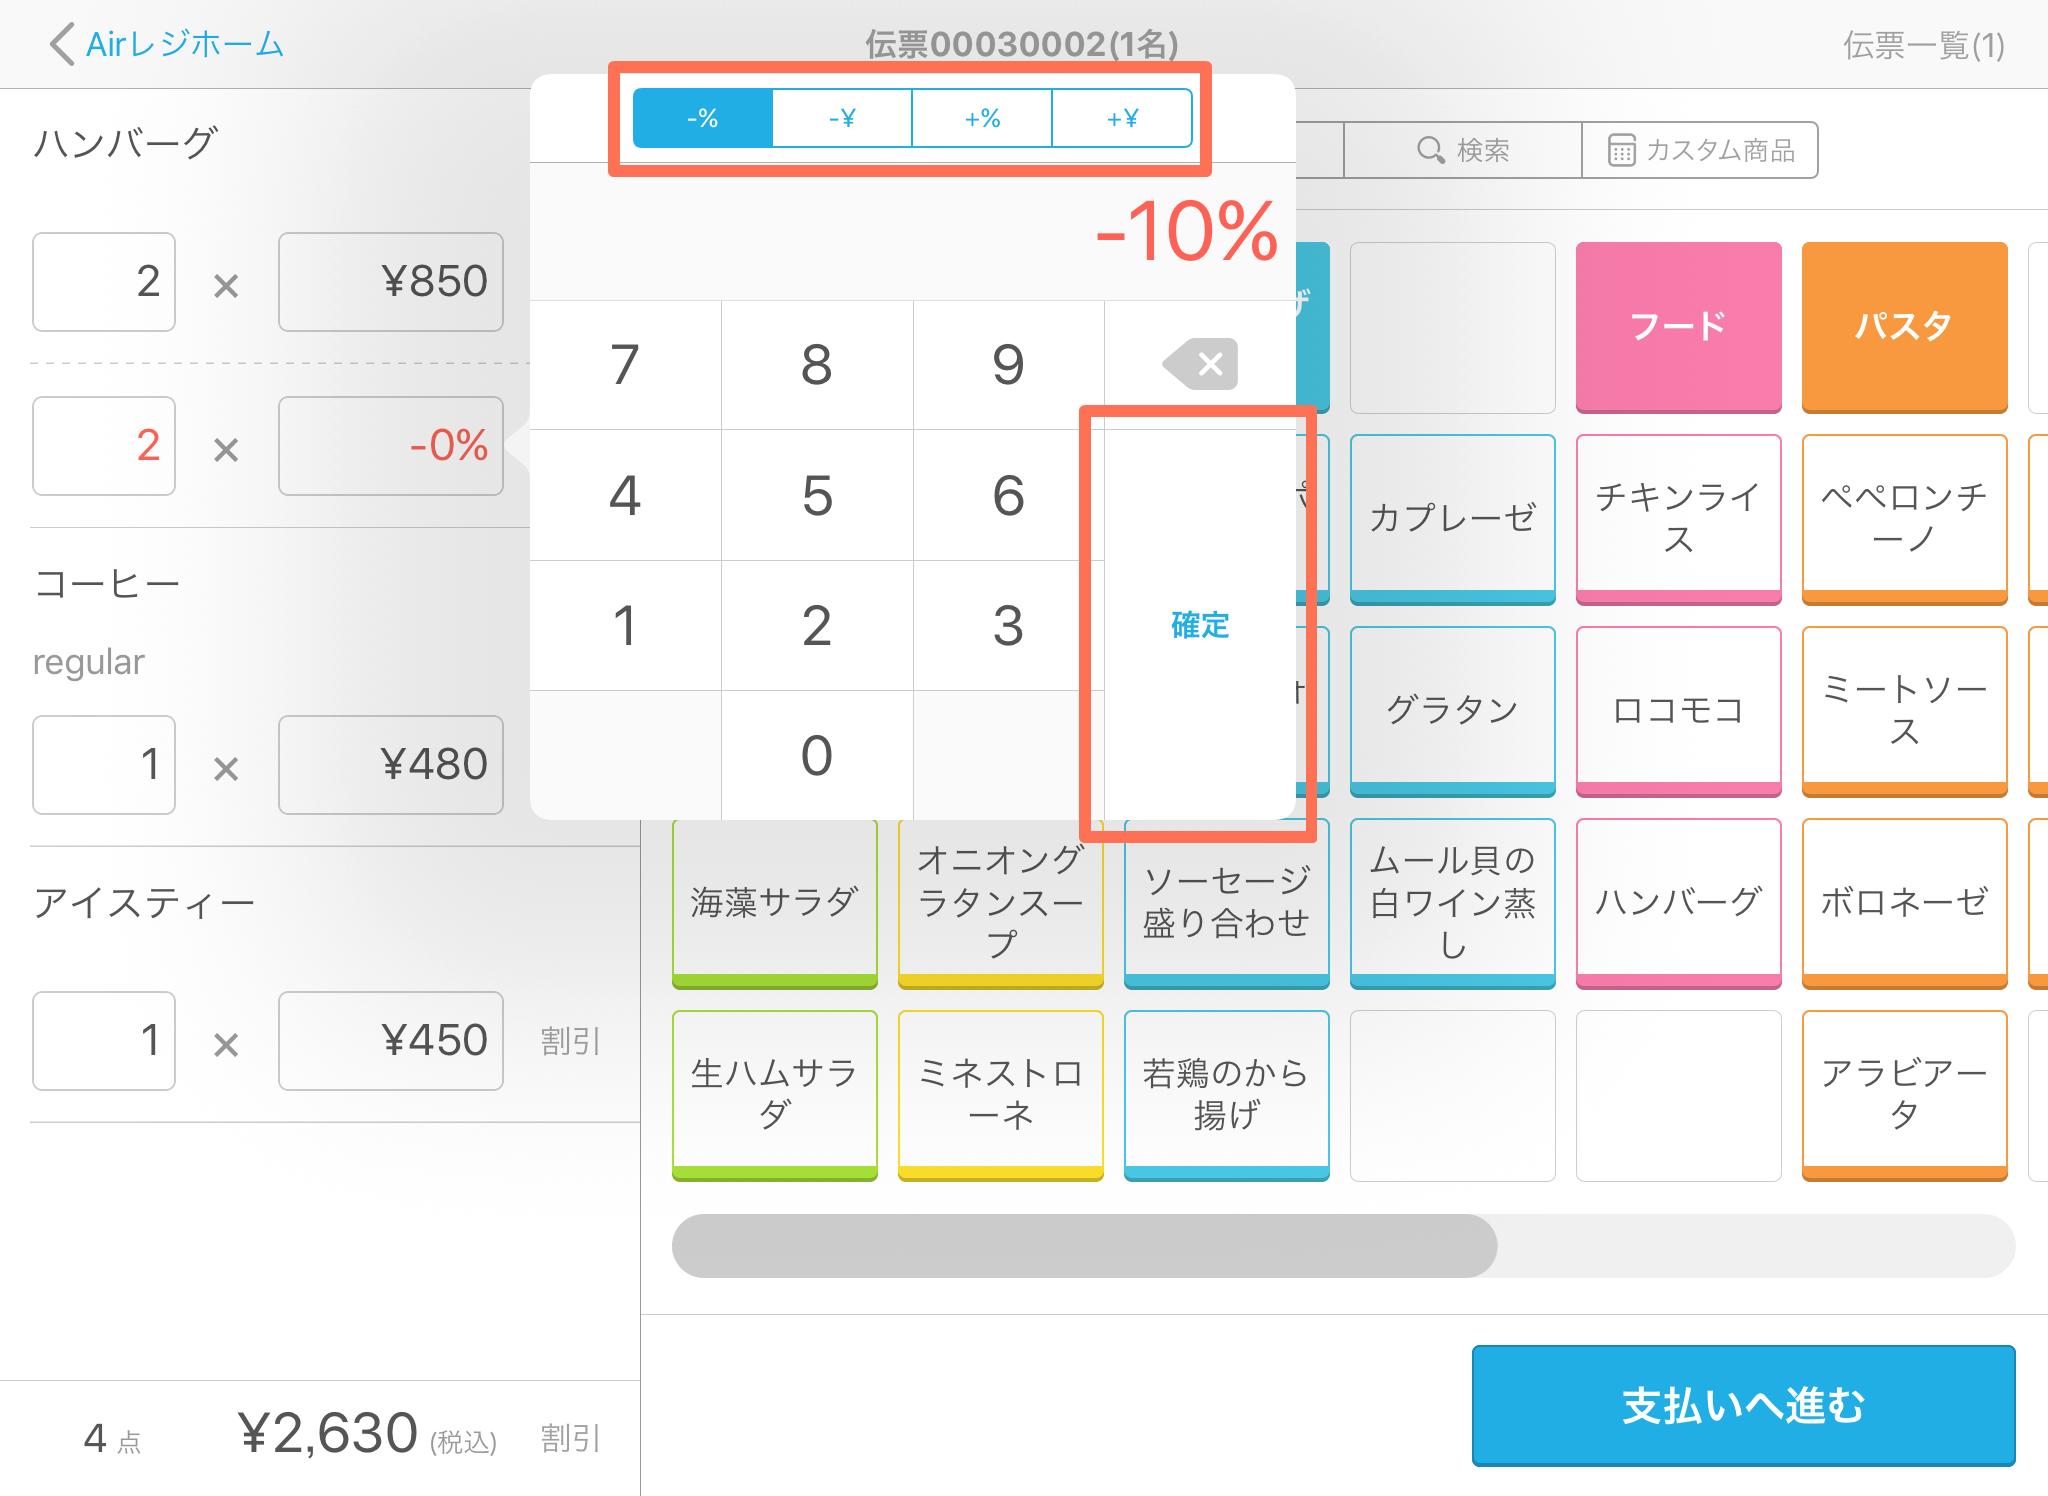 Airレジ 注文入力画面(タイル表示)伝票 割引・割増の値入力